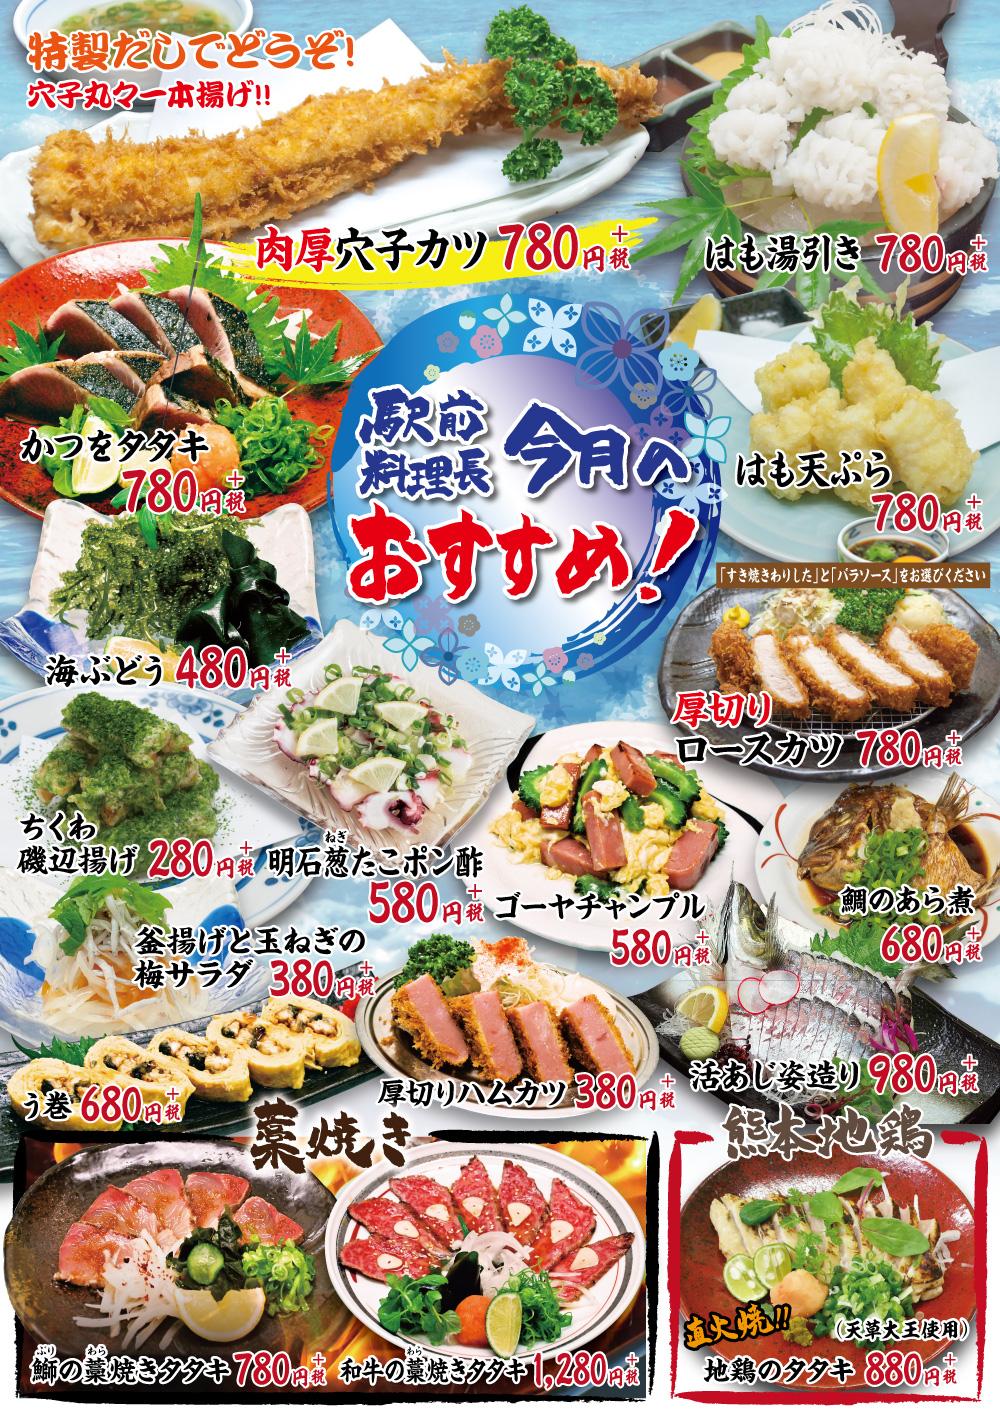 本日6月9日(金)おすすめメニュー・丼定食メニューがリニューアル!